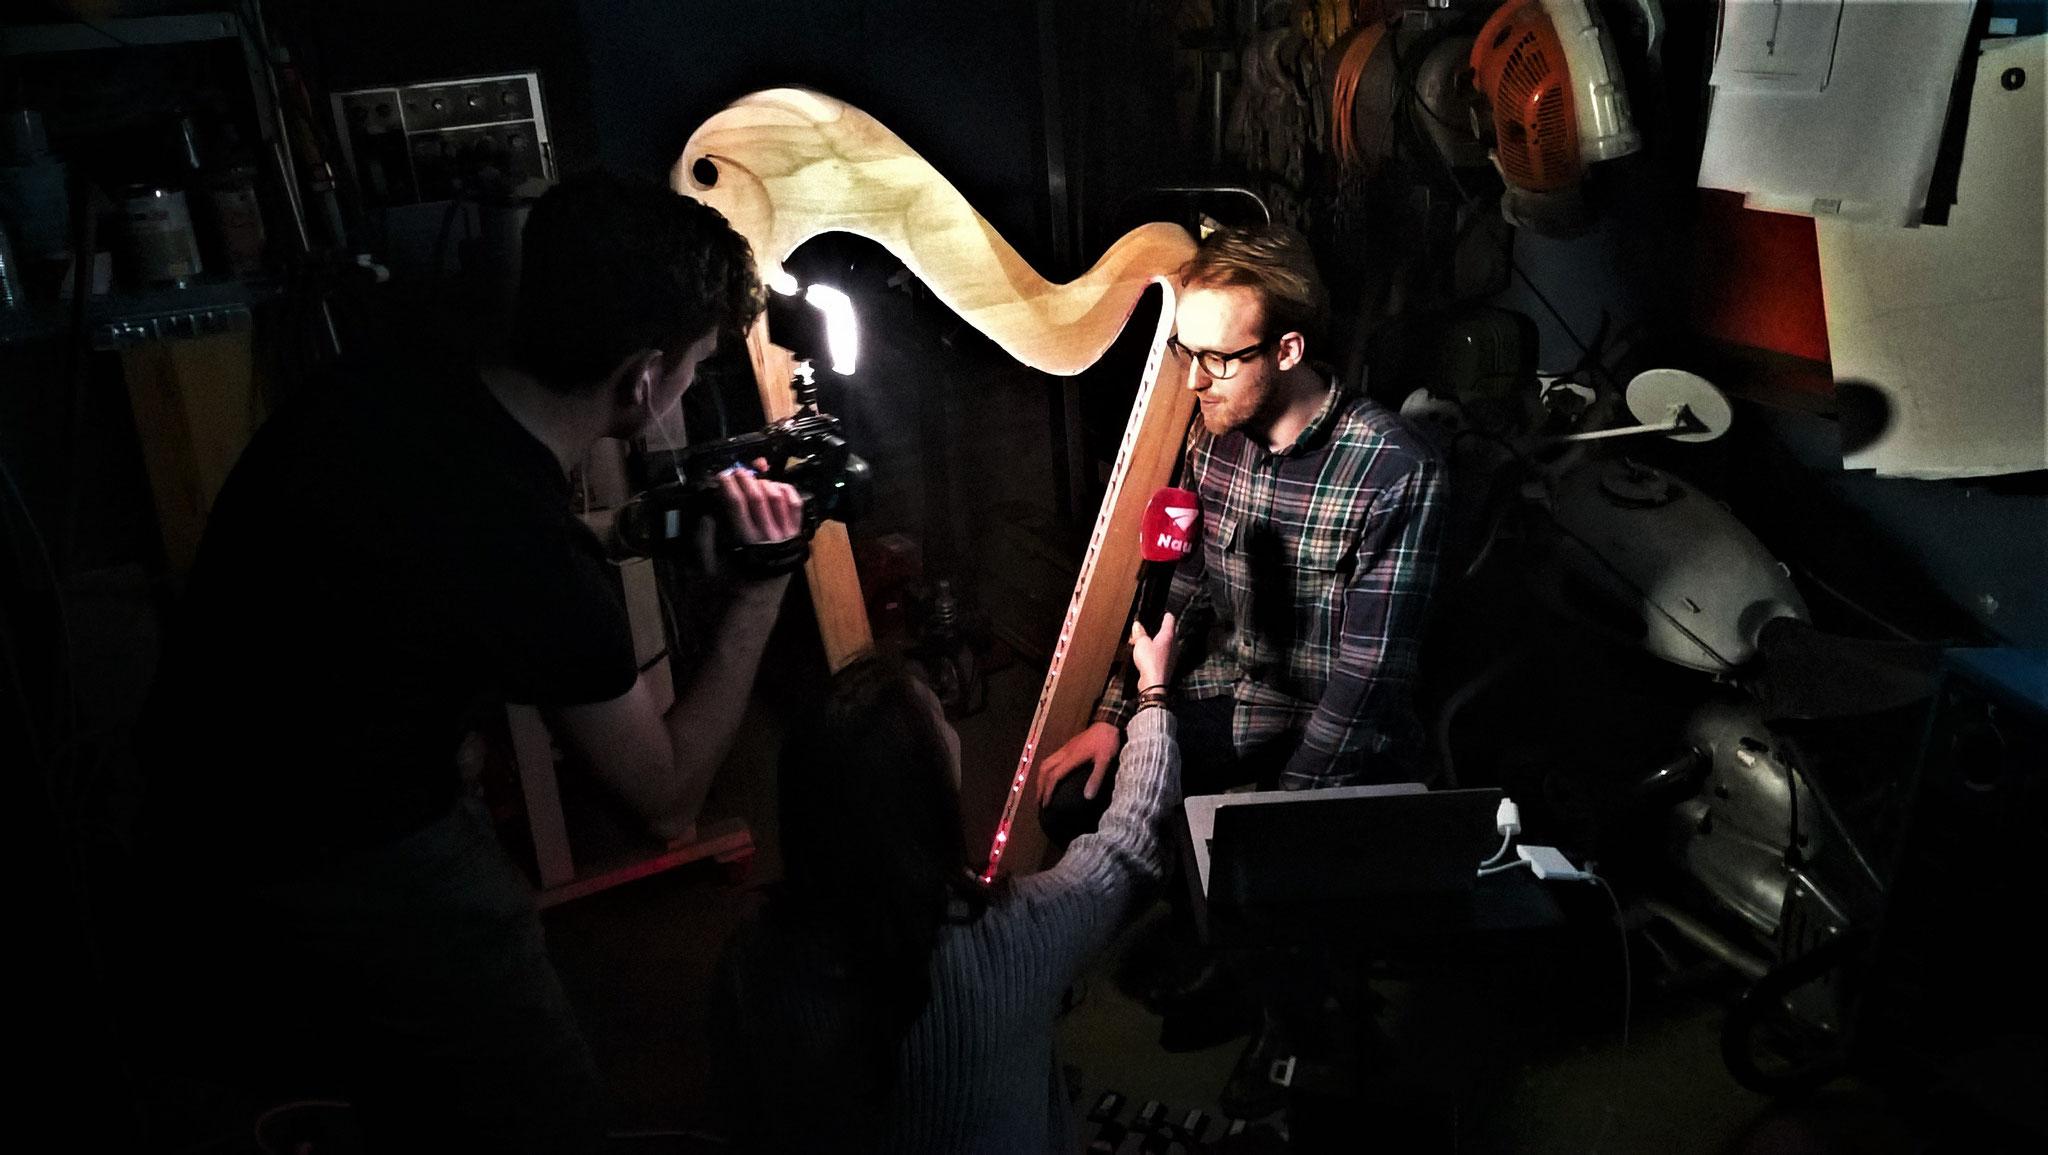 Louis während dem Interview